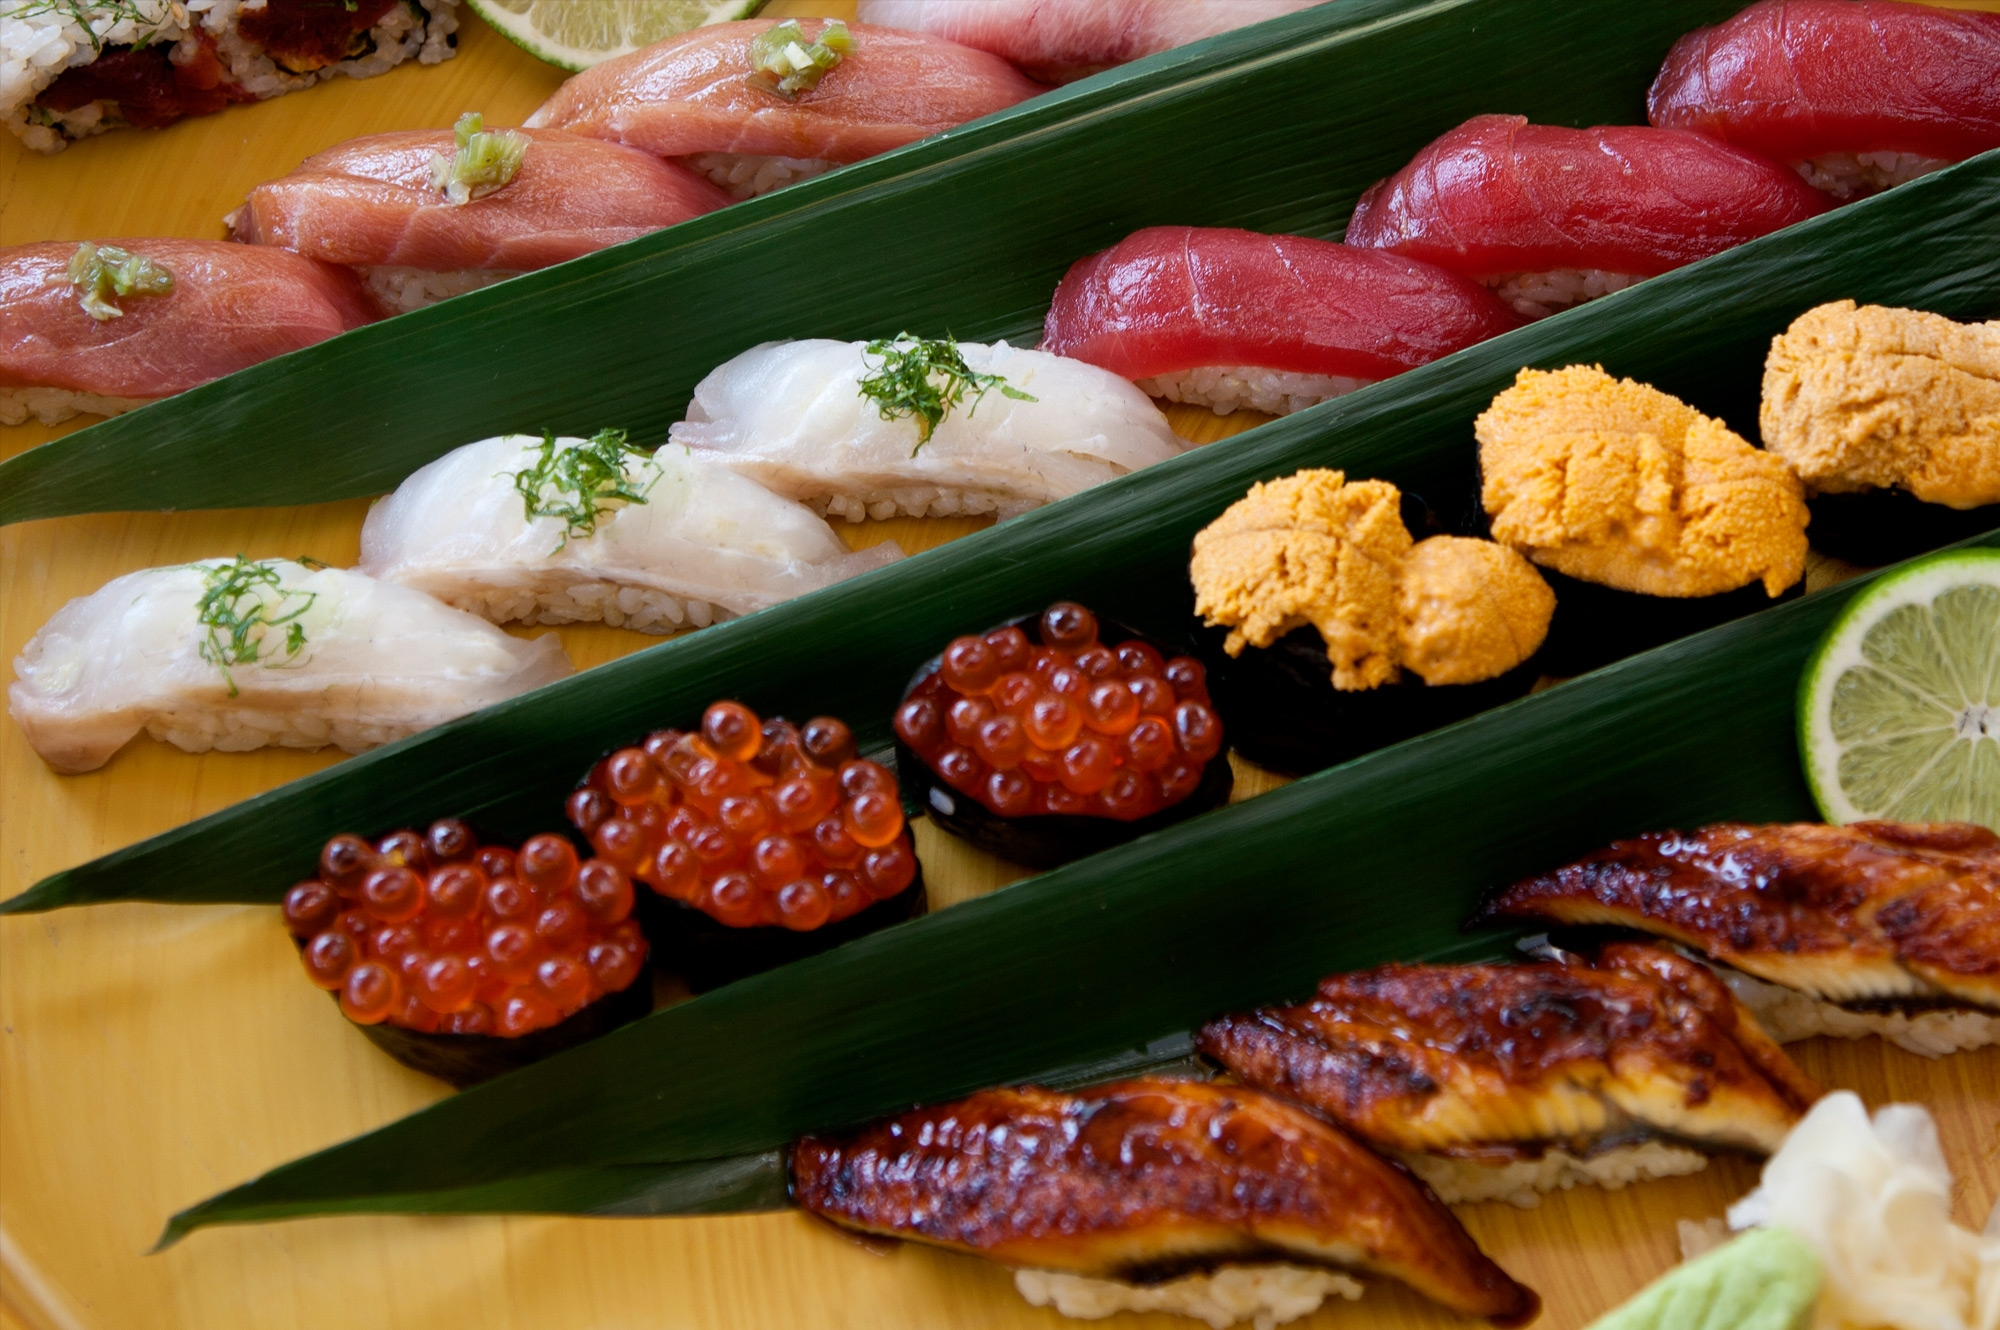 Hachi 8 Sushi Japanese Cuisine